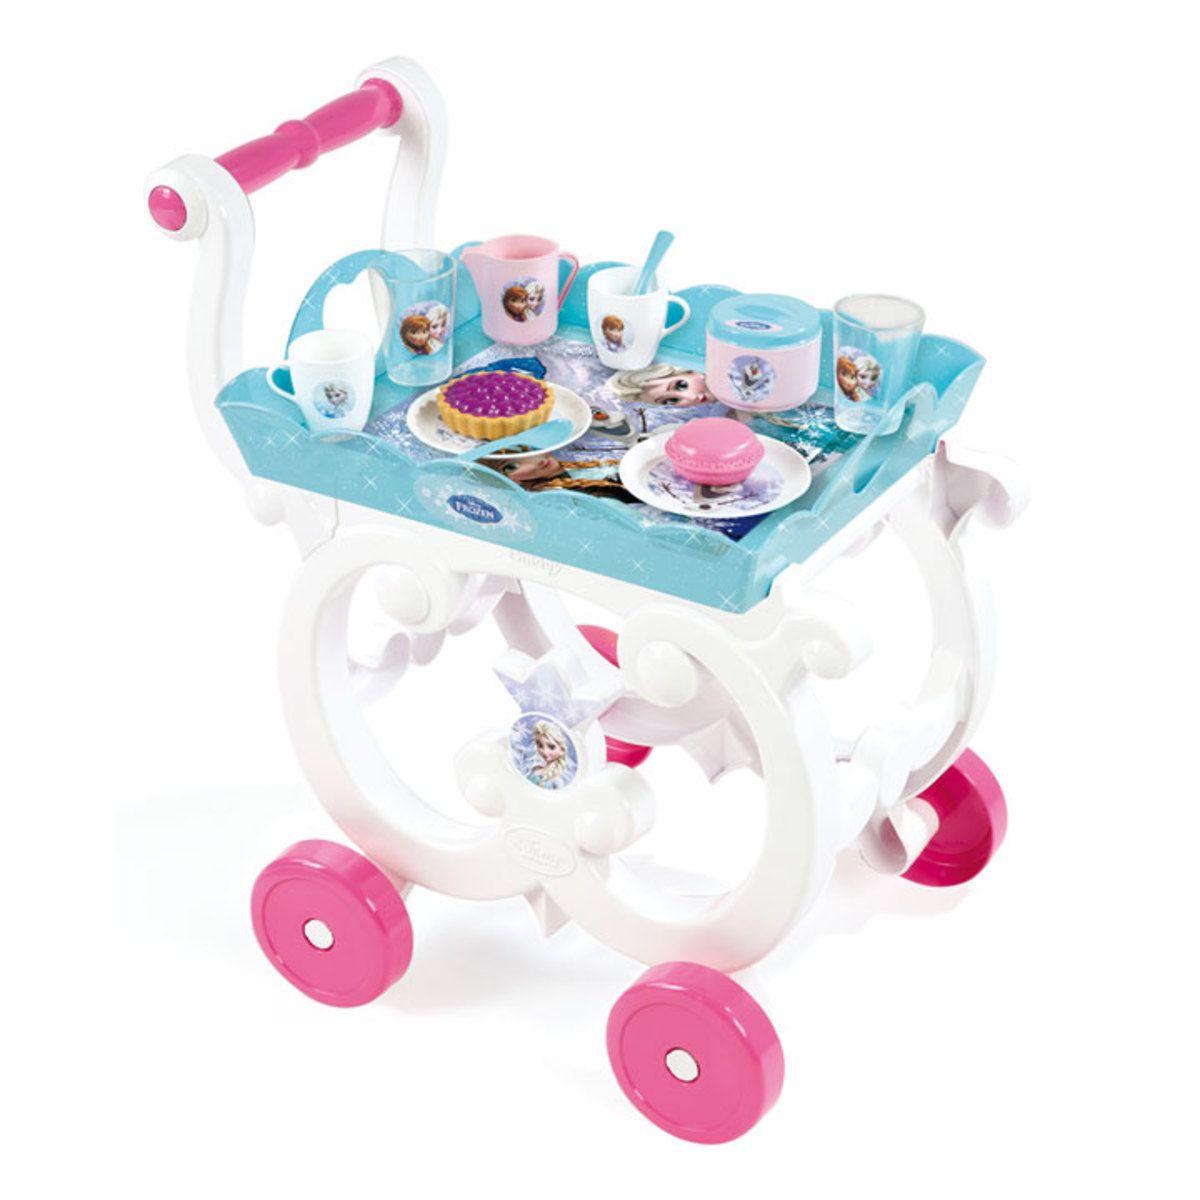 Imitation La Reine Des Neiges Desserte La Reine Des Neiges Desserte Kids Toy Shop Cool Toys For Girls American Girl Doll Furniture